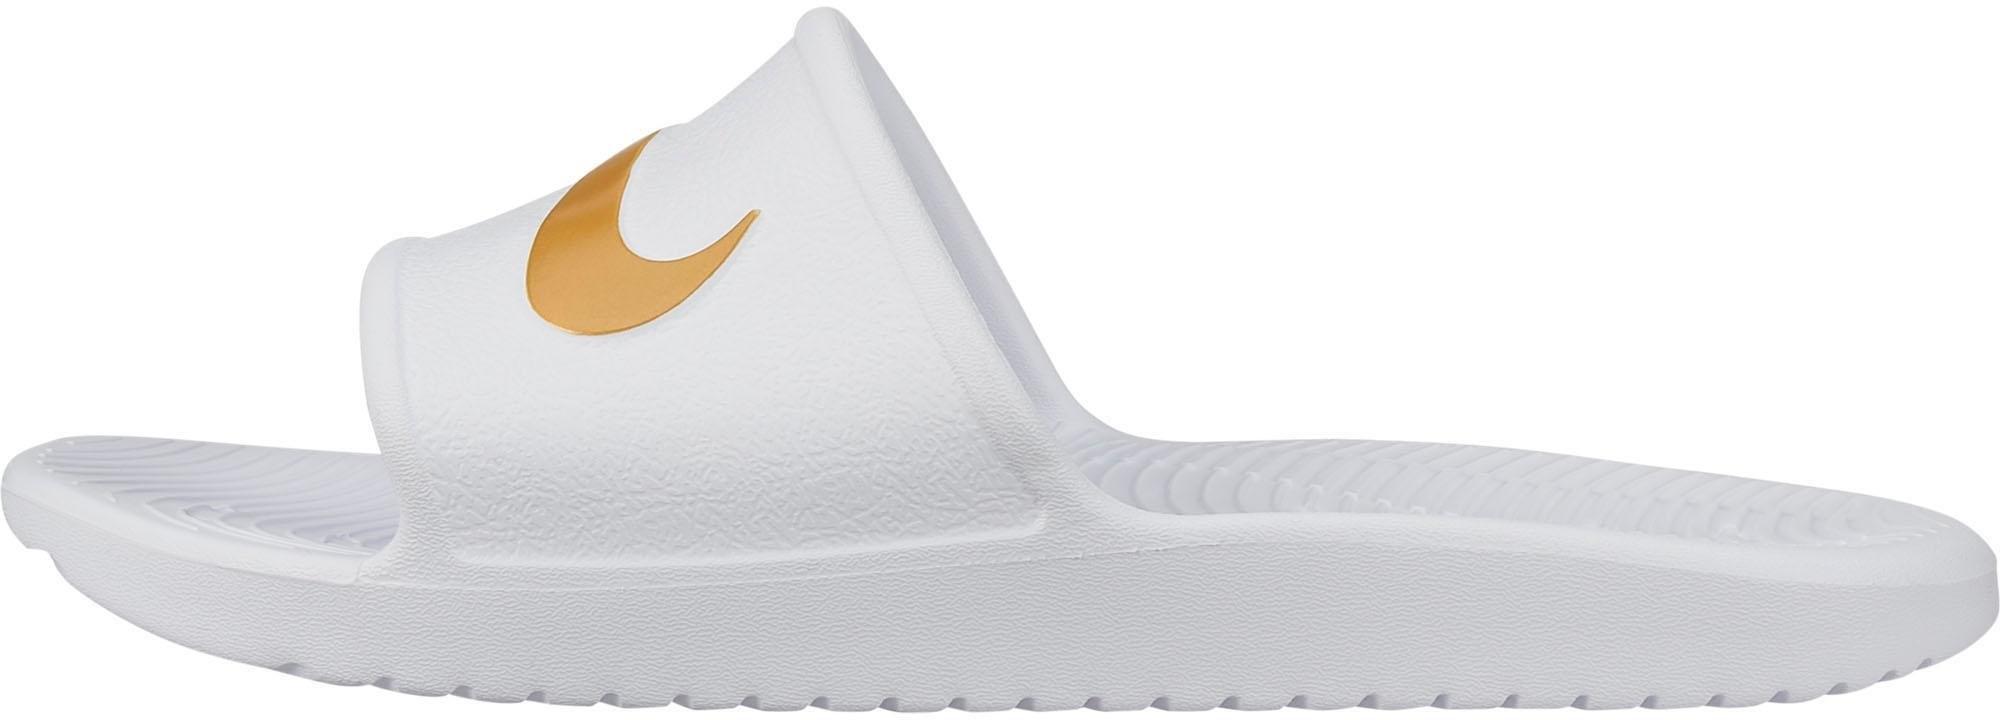 Nike Sportswear badslippers »Wmns Kawa Shower Sandal« nu online bestellen